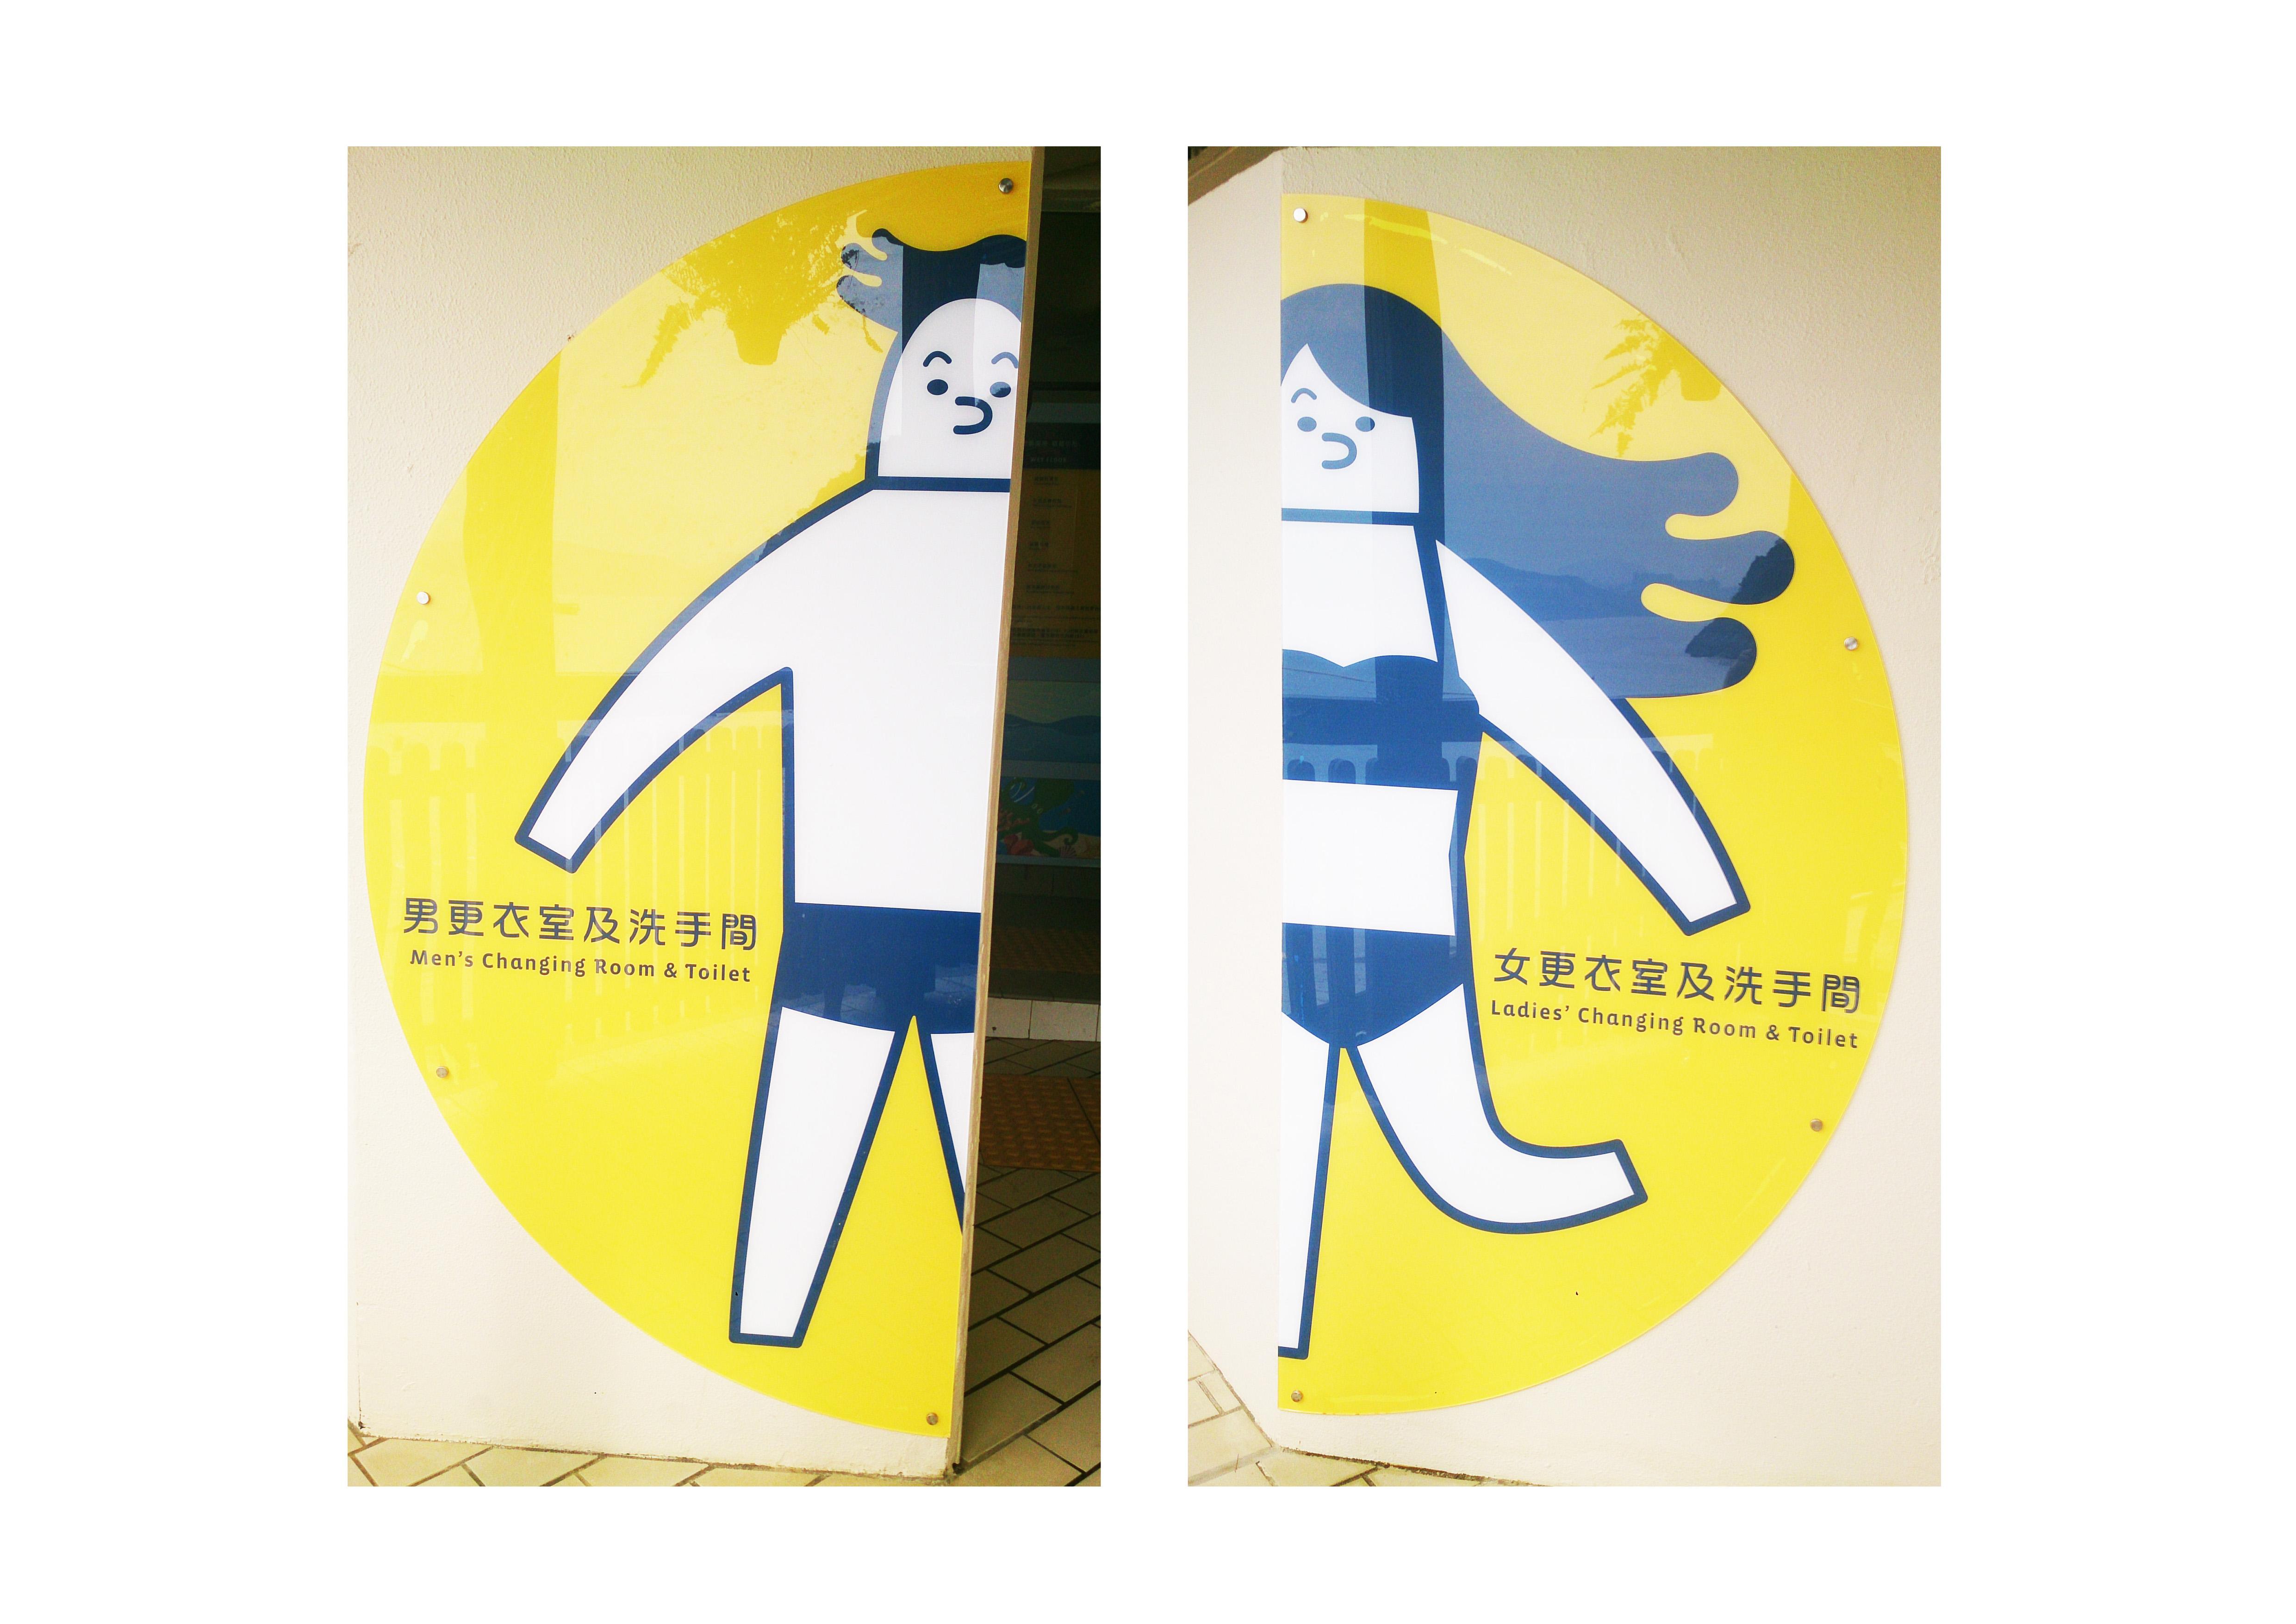 Hap Mun Bay Changing Room Signage